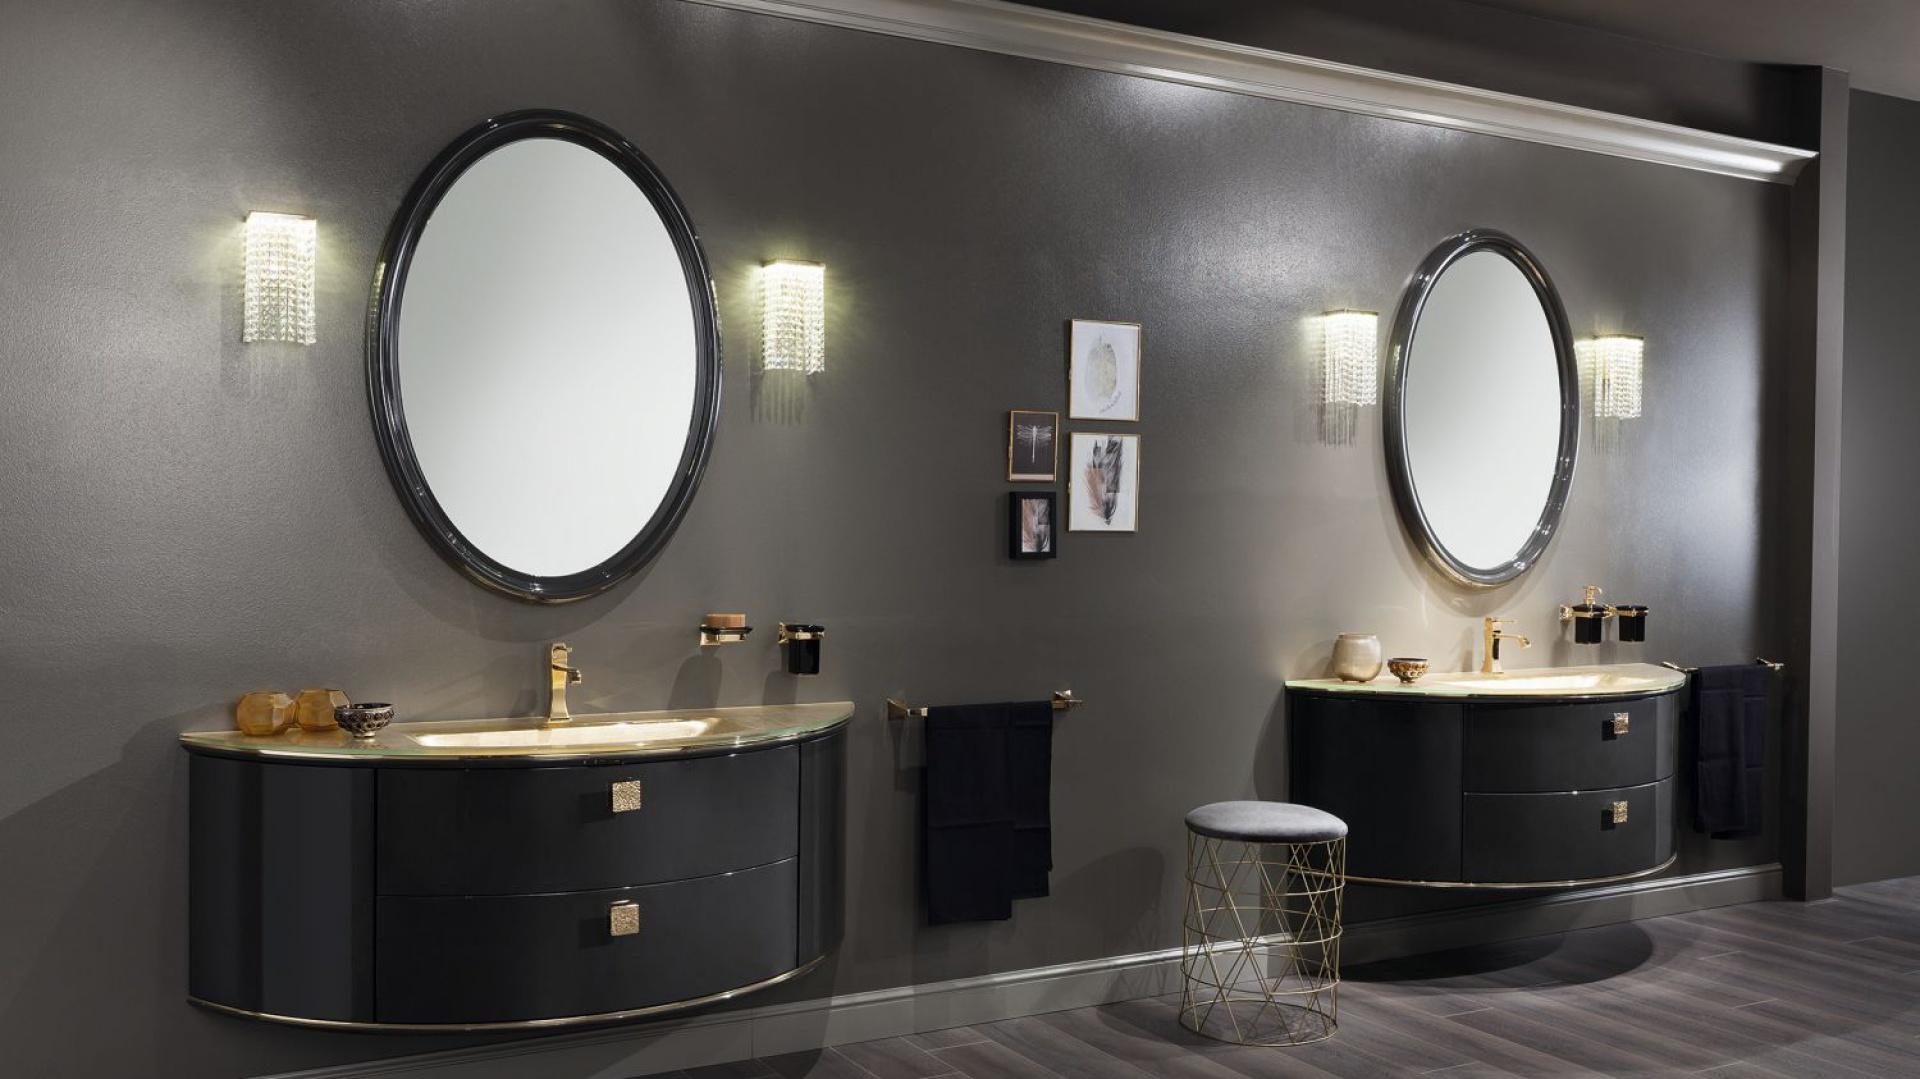 Okrągłe Lustro W łazience To Jest Modne